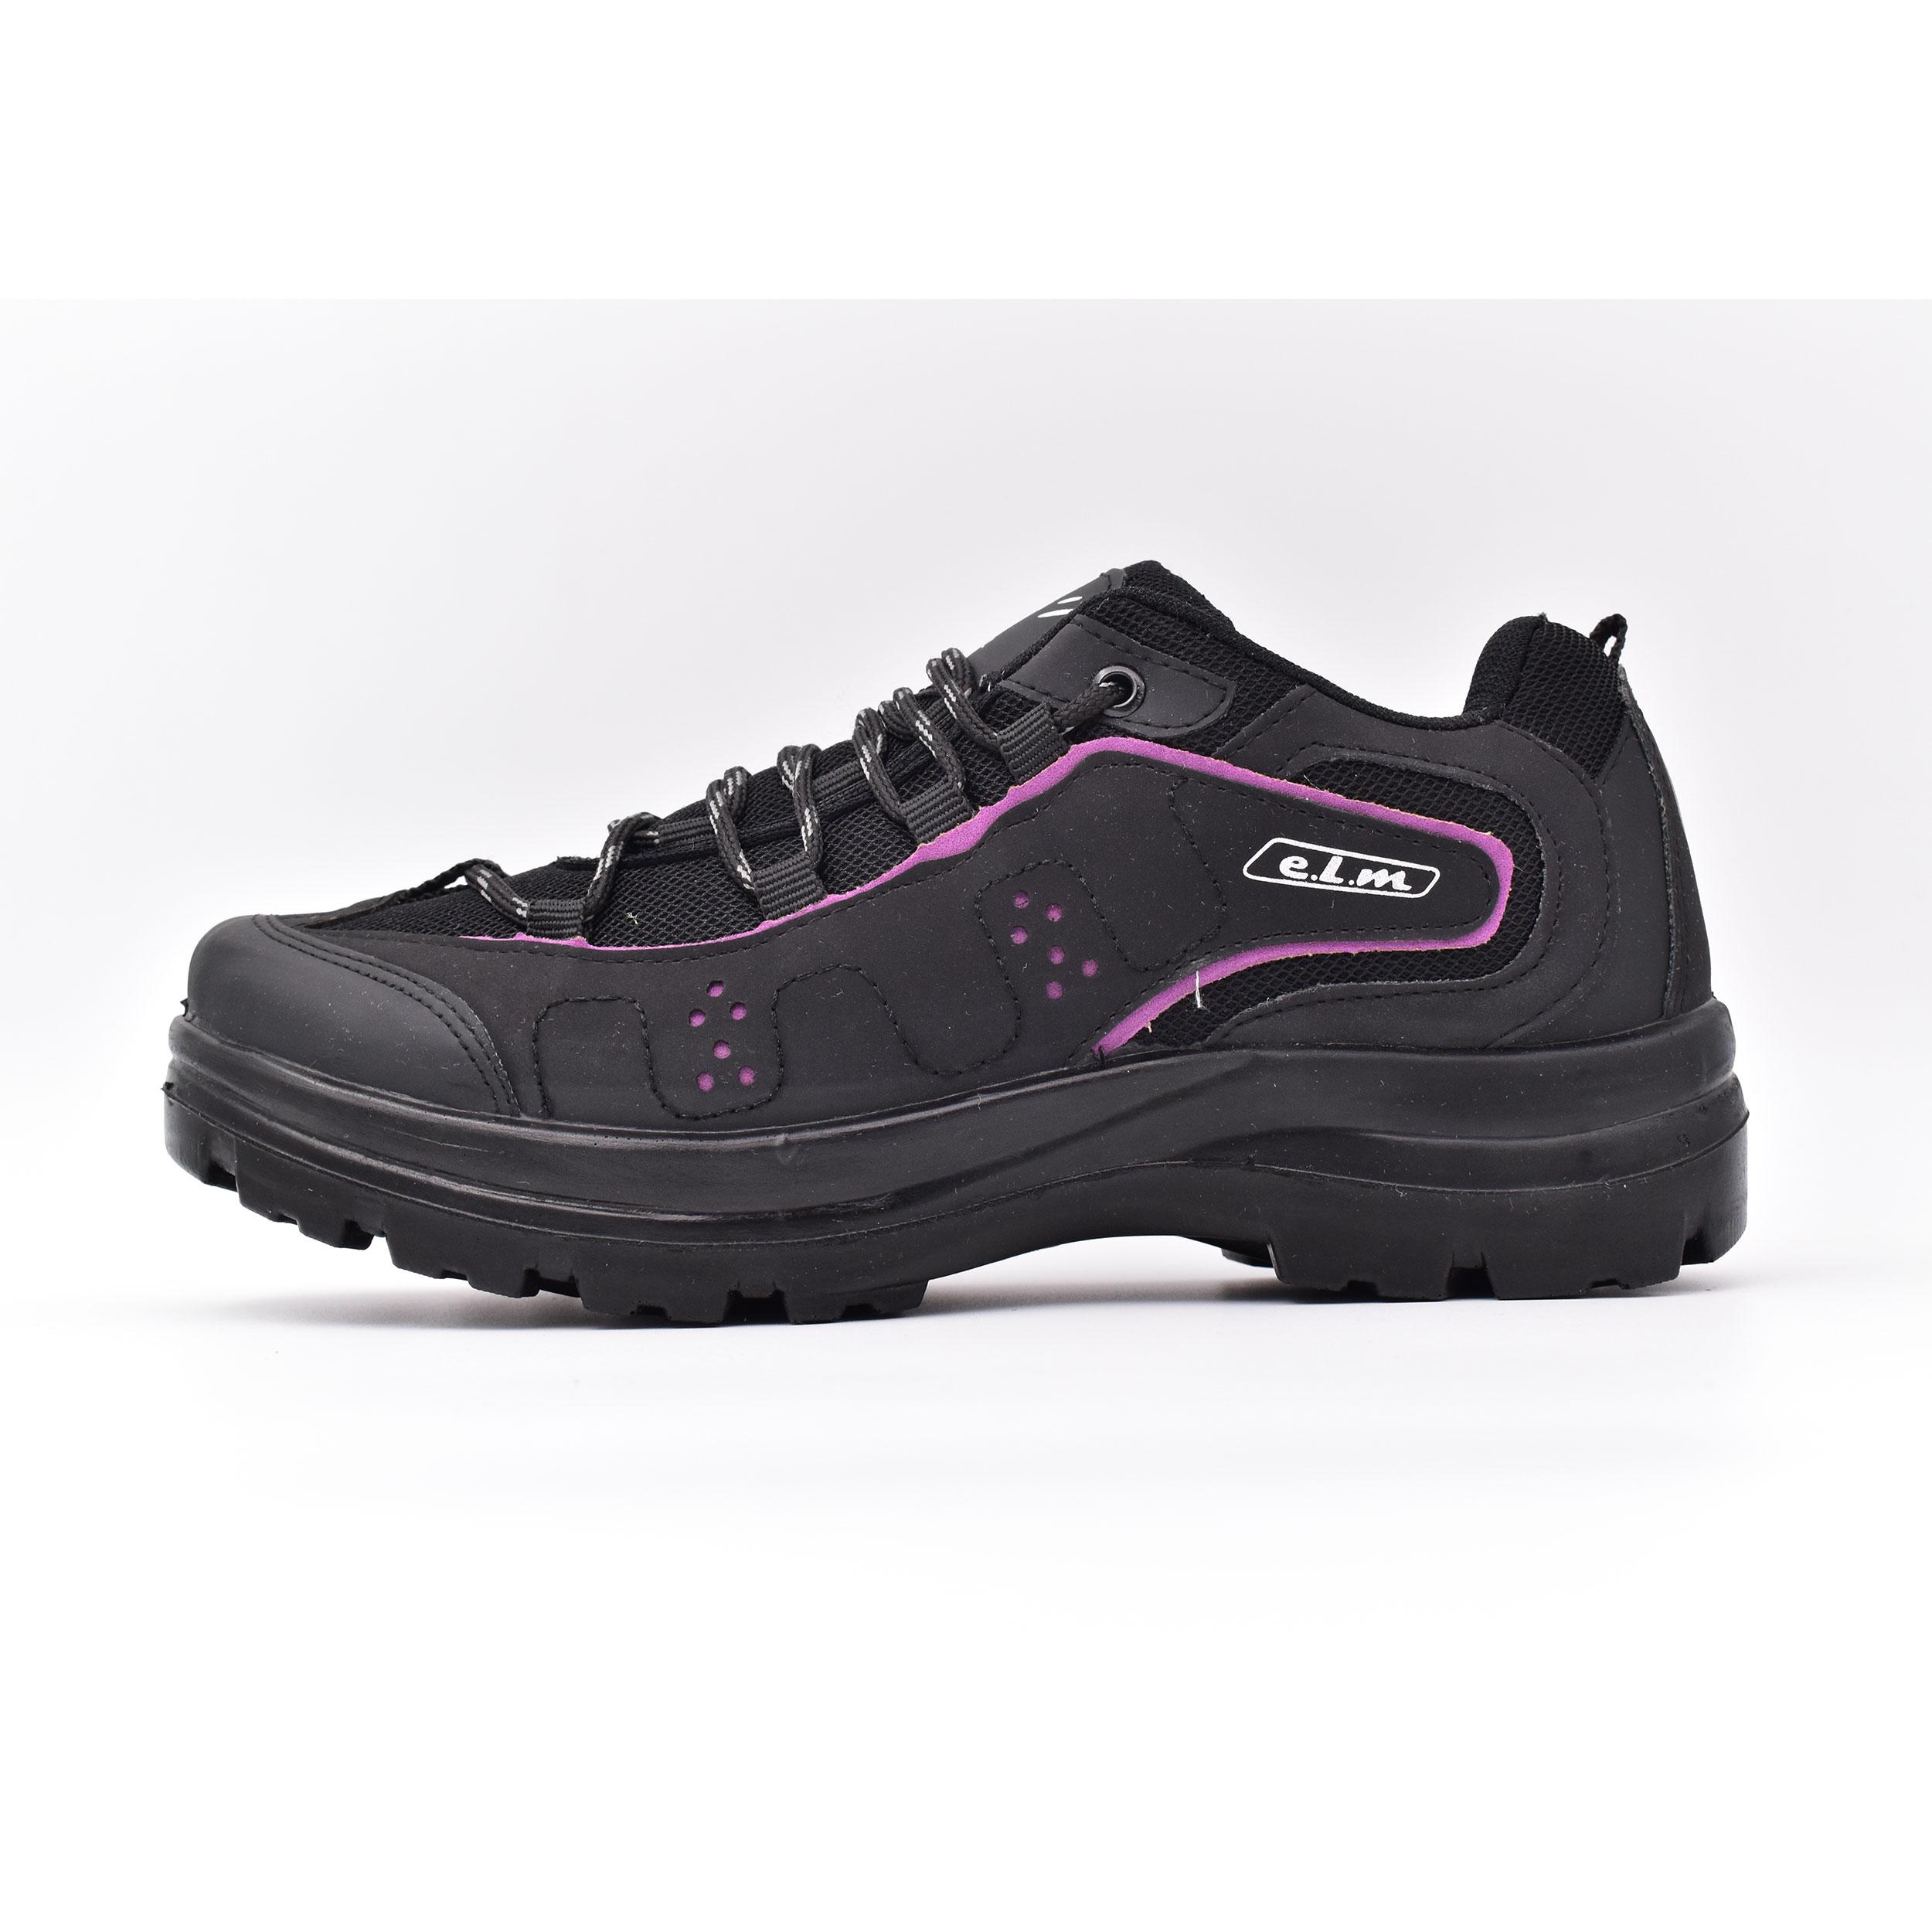 کفش پیاده روی زنانه ای ال ام مدل هیوا کد 7726 -  - 3